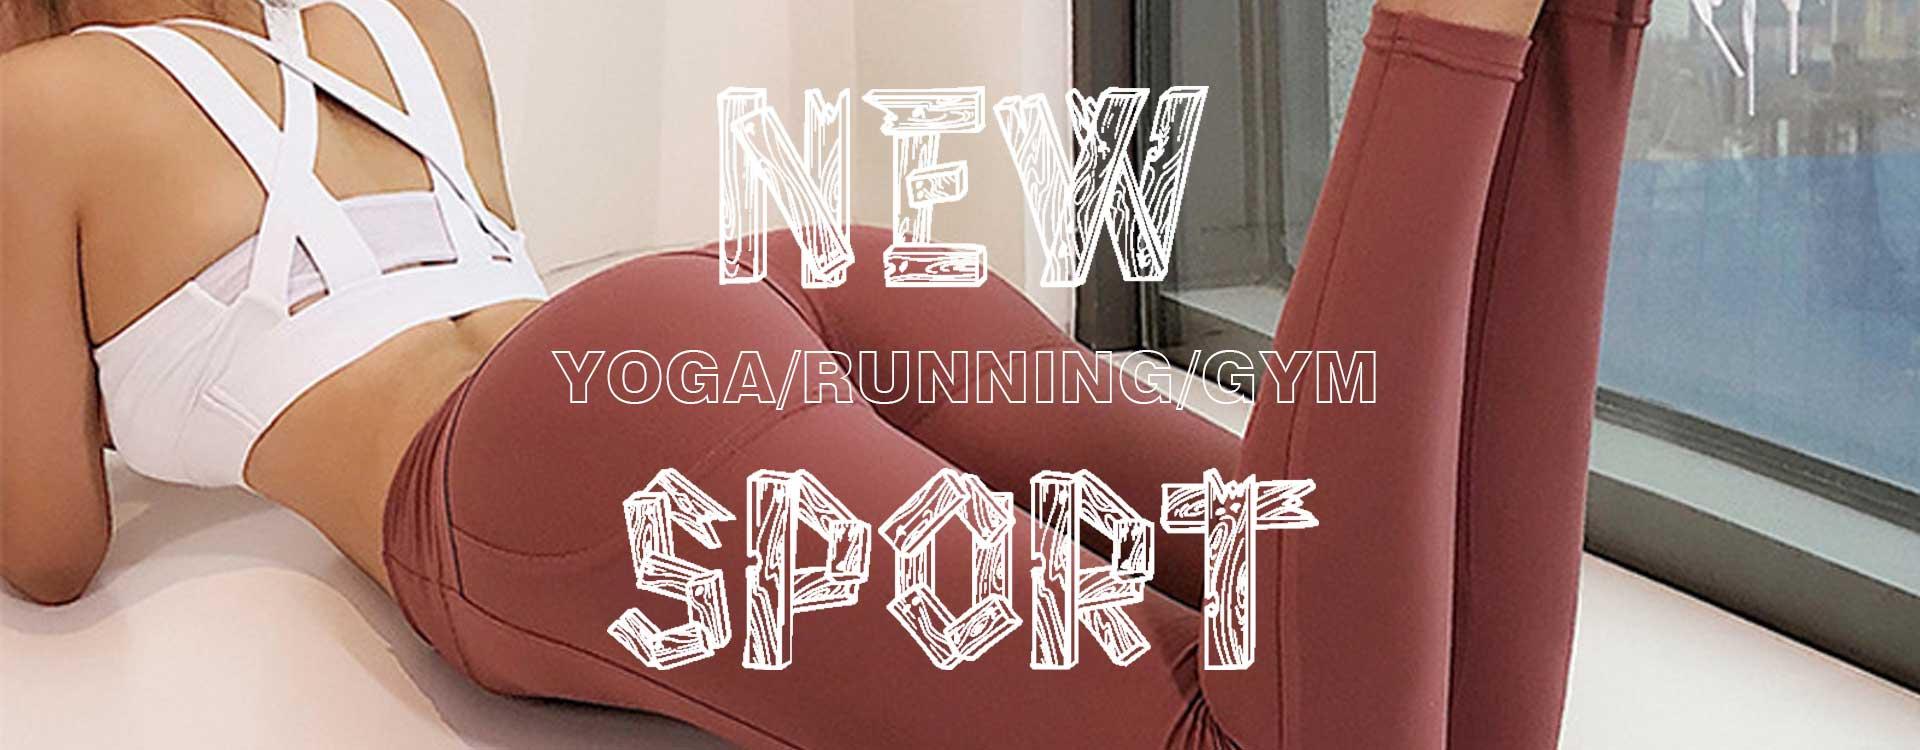 women-leggings-new-sport-yoga-running-gym-here